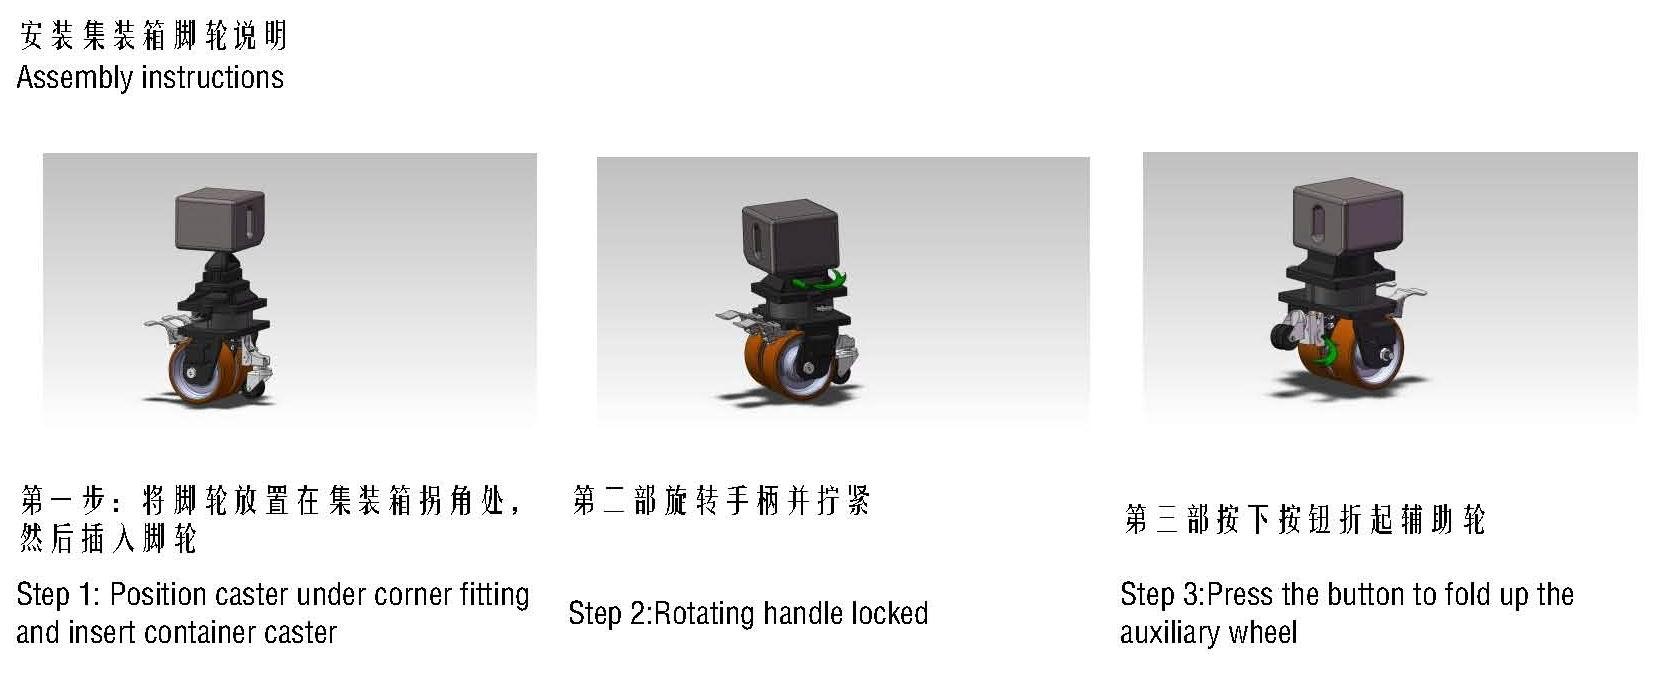 集裝箱腳輪安裝說明.jpg